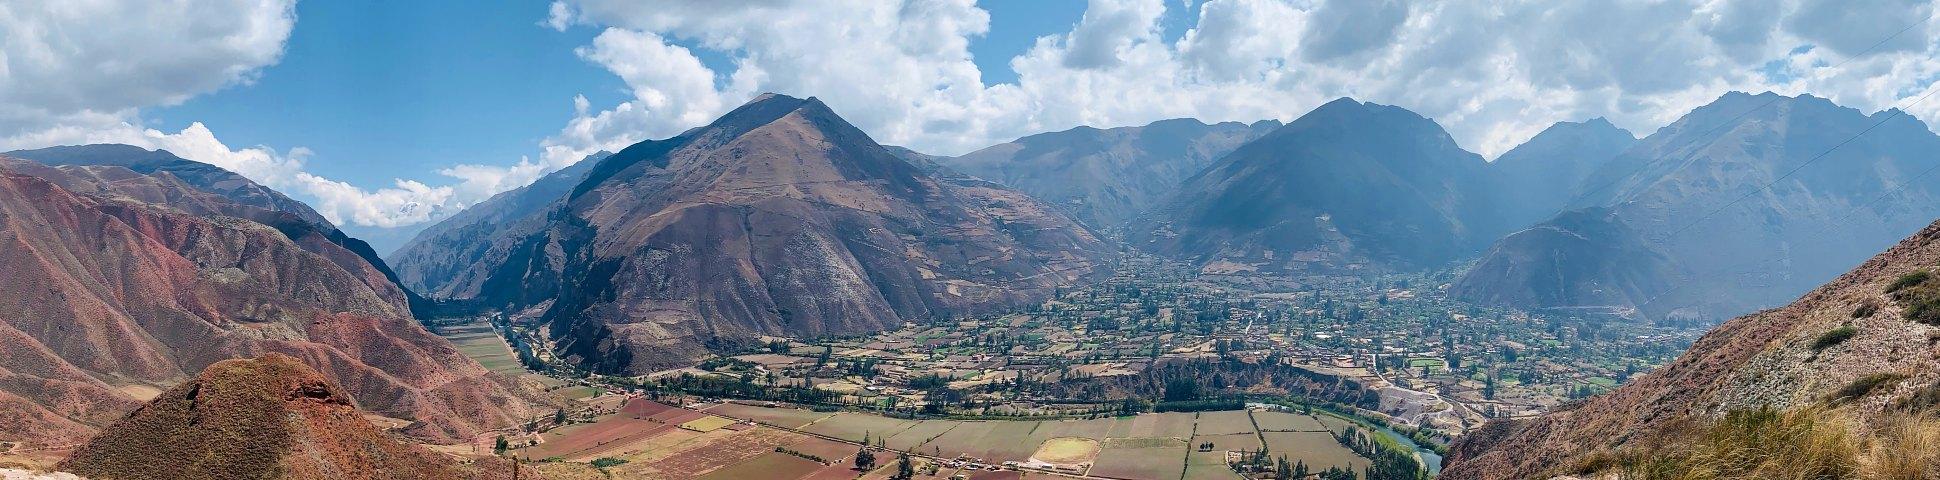 Peruvian Andes in Peru